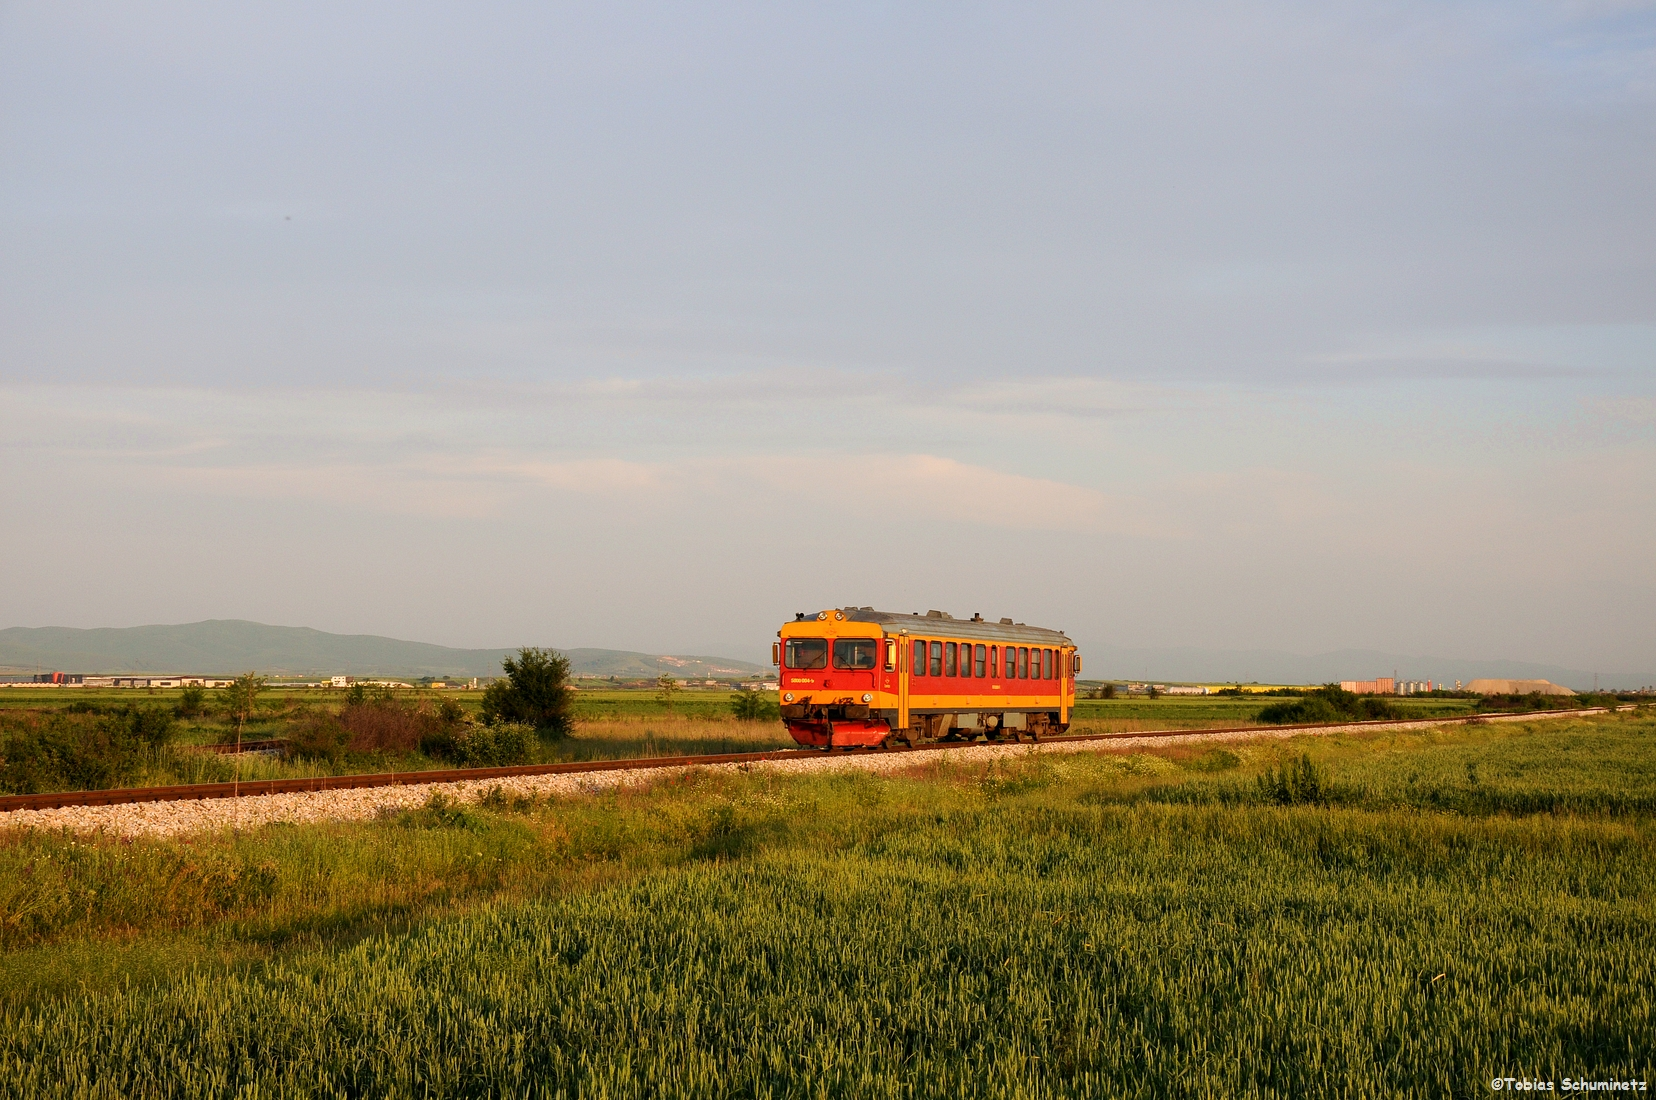 Auch der Nachschuss im Abendlicht überzeugte sodass wir hier unser letztes Eisenbahnbild machen konnten. Immerhin haben wir endlich auch einmal einen der Triebwagen fotografieren können.